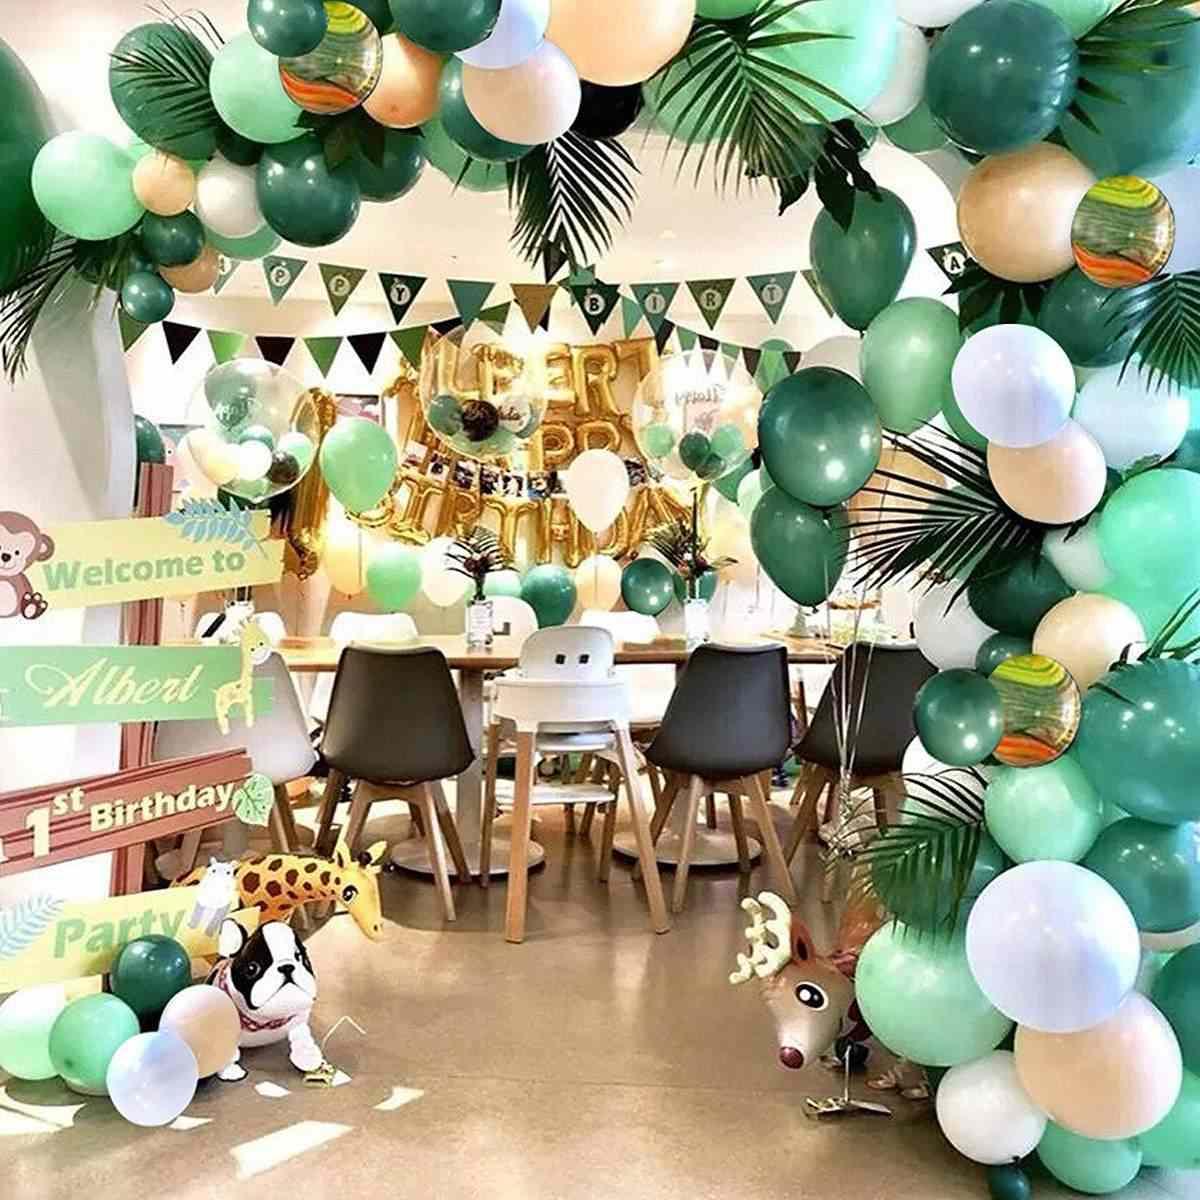 البالونات زينه الحفلات